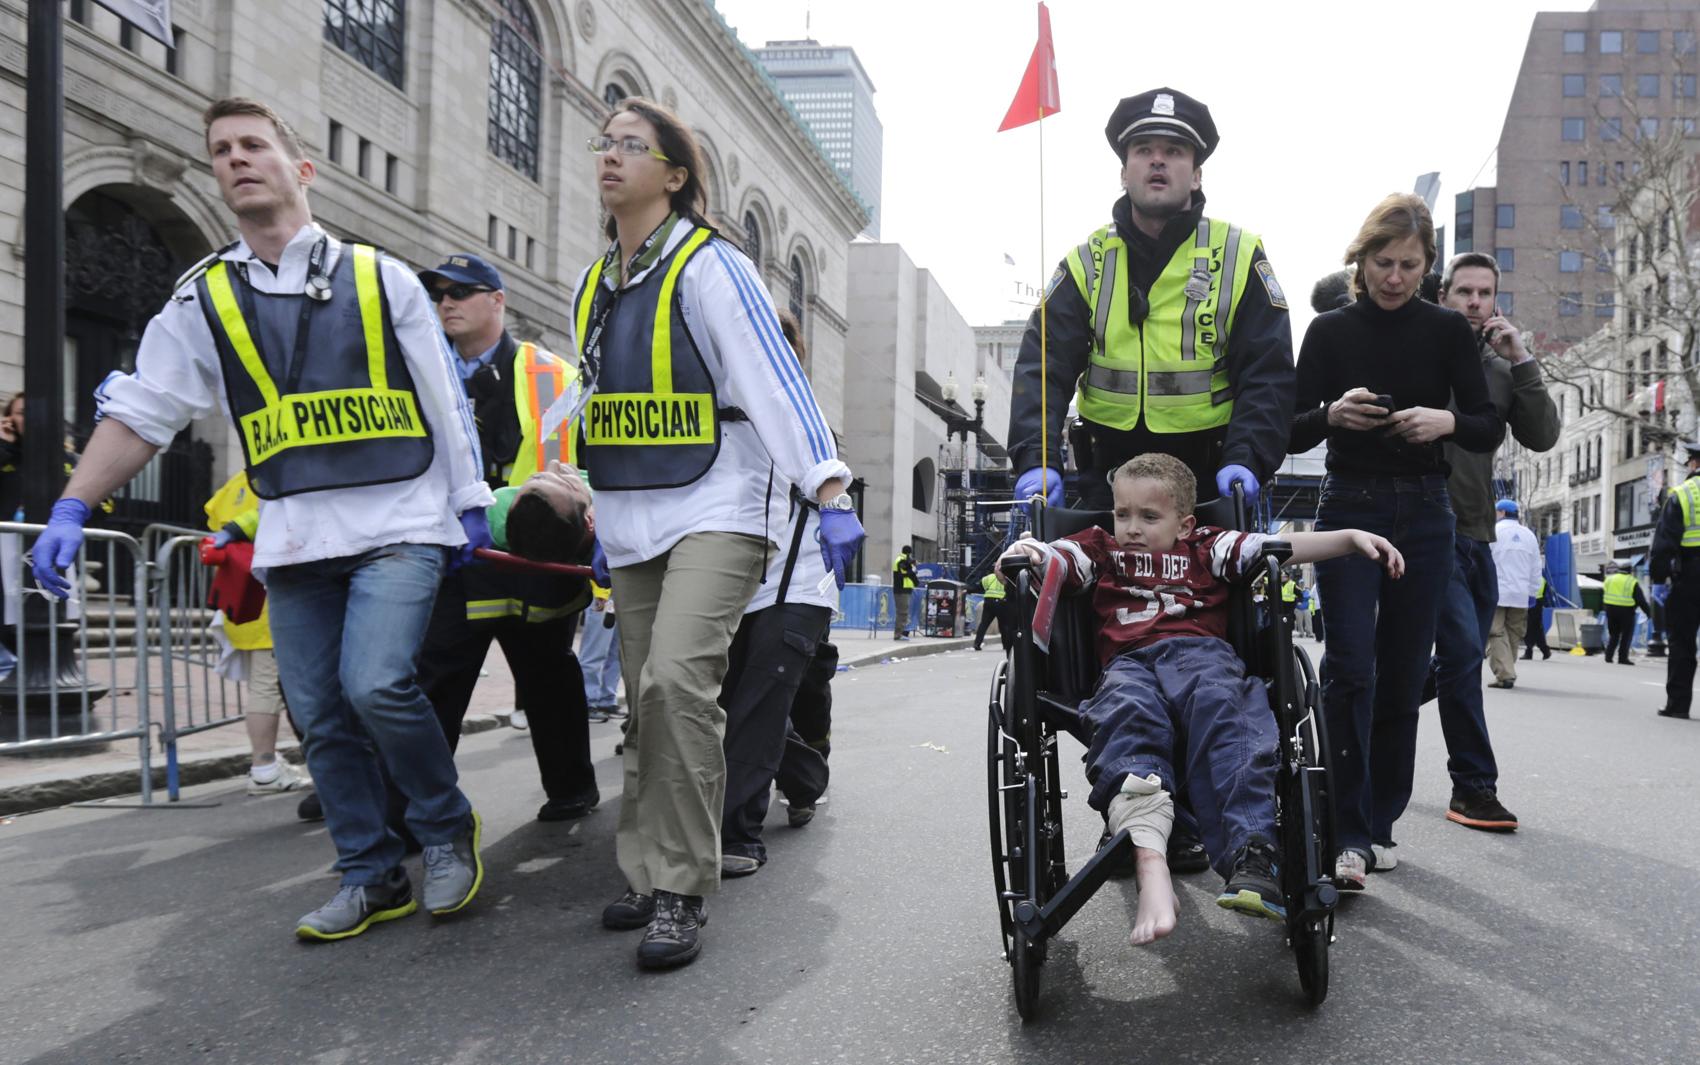 Garoto ferido na explosão é levado de cadeira de rodas por equipes de emergência.